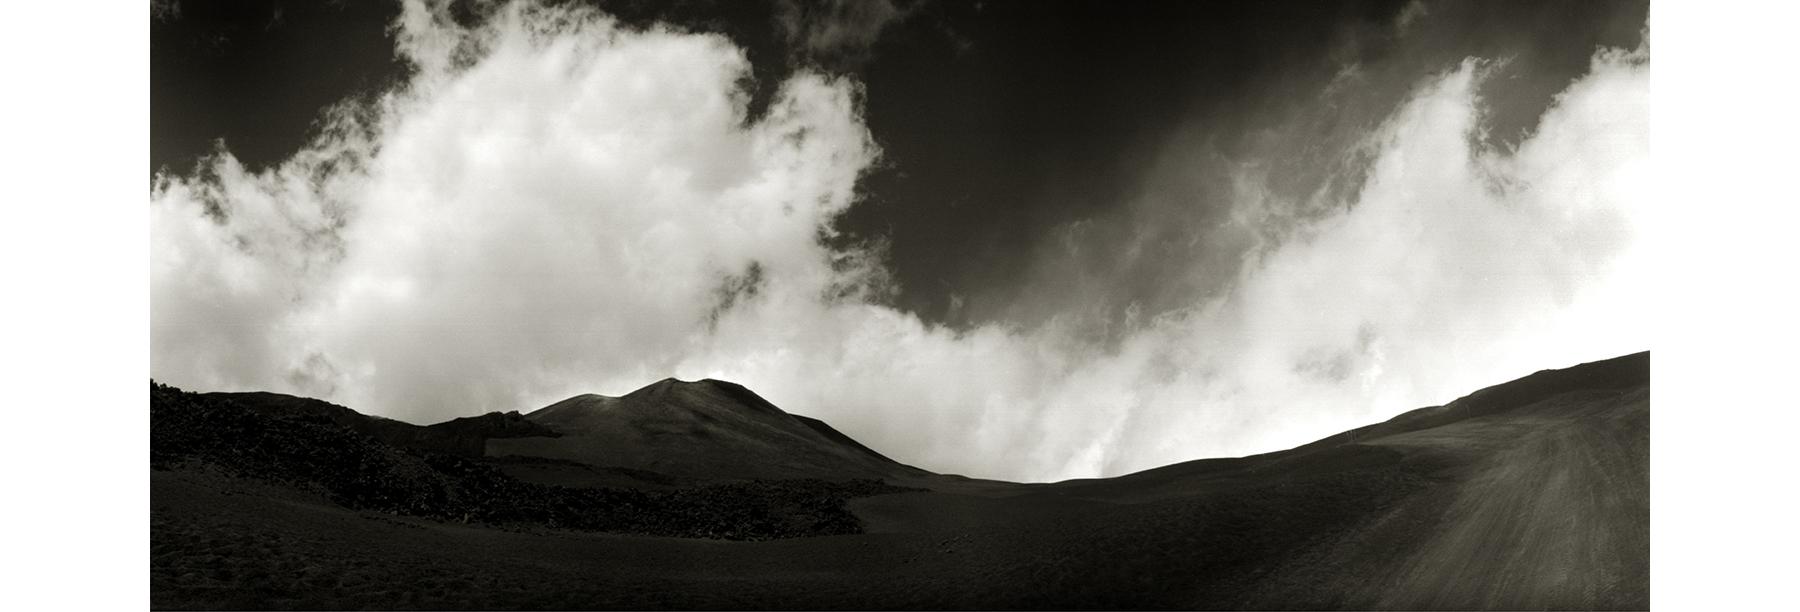 12_Sicily #41 M. etna Pano frame 11 C156286-7